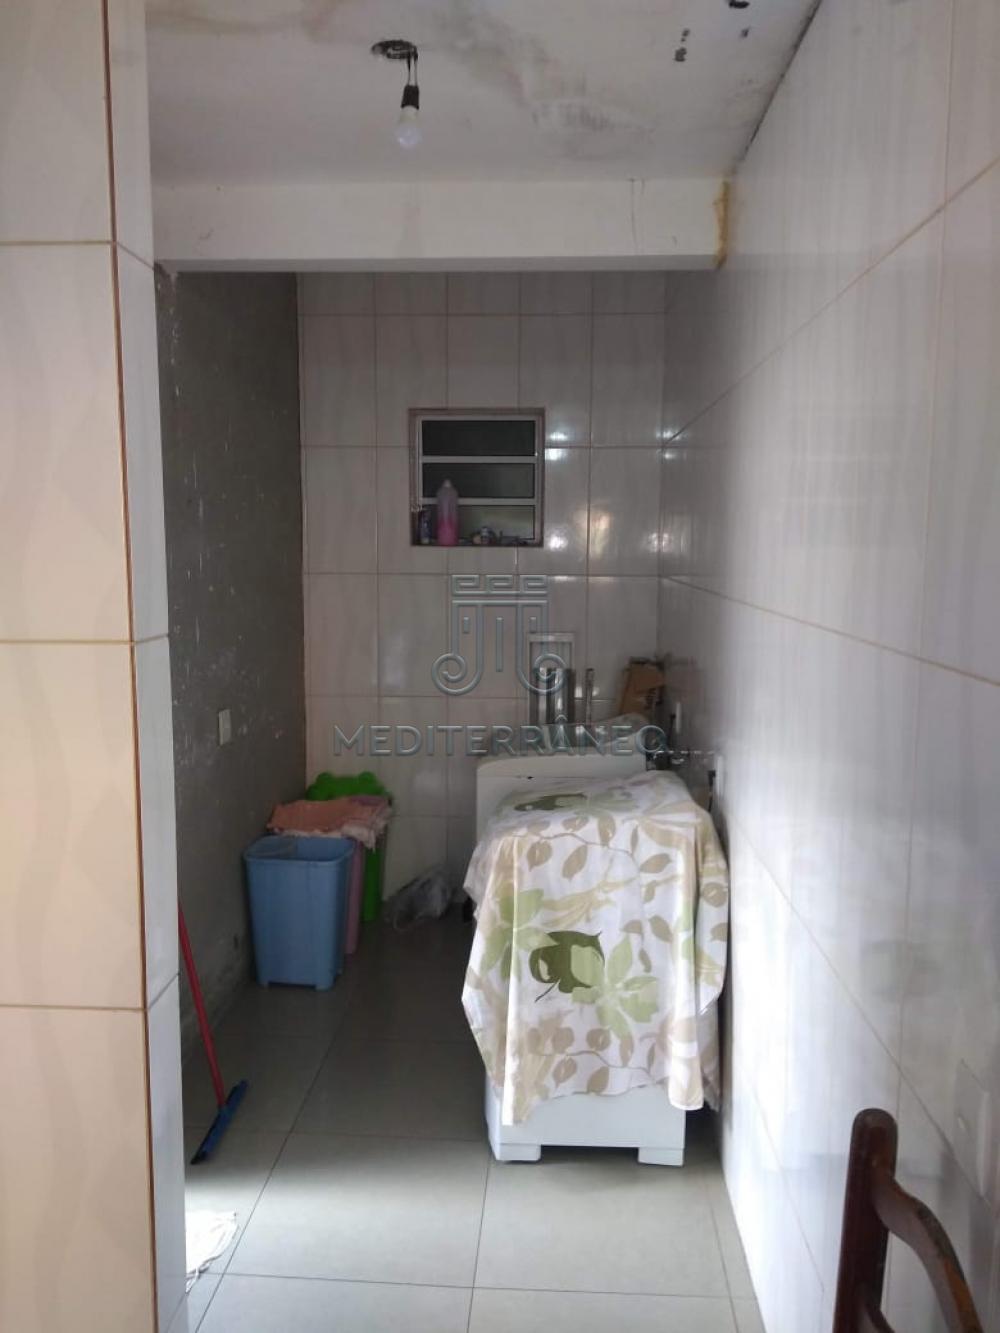 Comprar Casa / Padrão em Jundiaí apenas R$ 220.000,00 - Foto 14